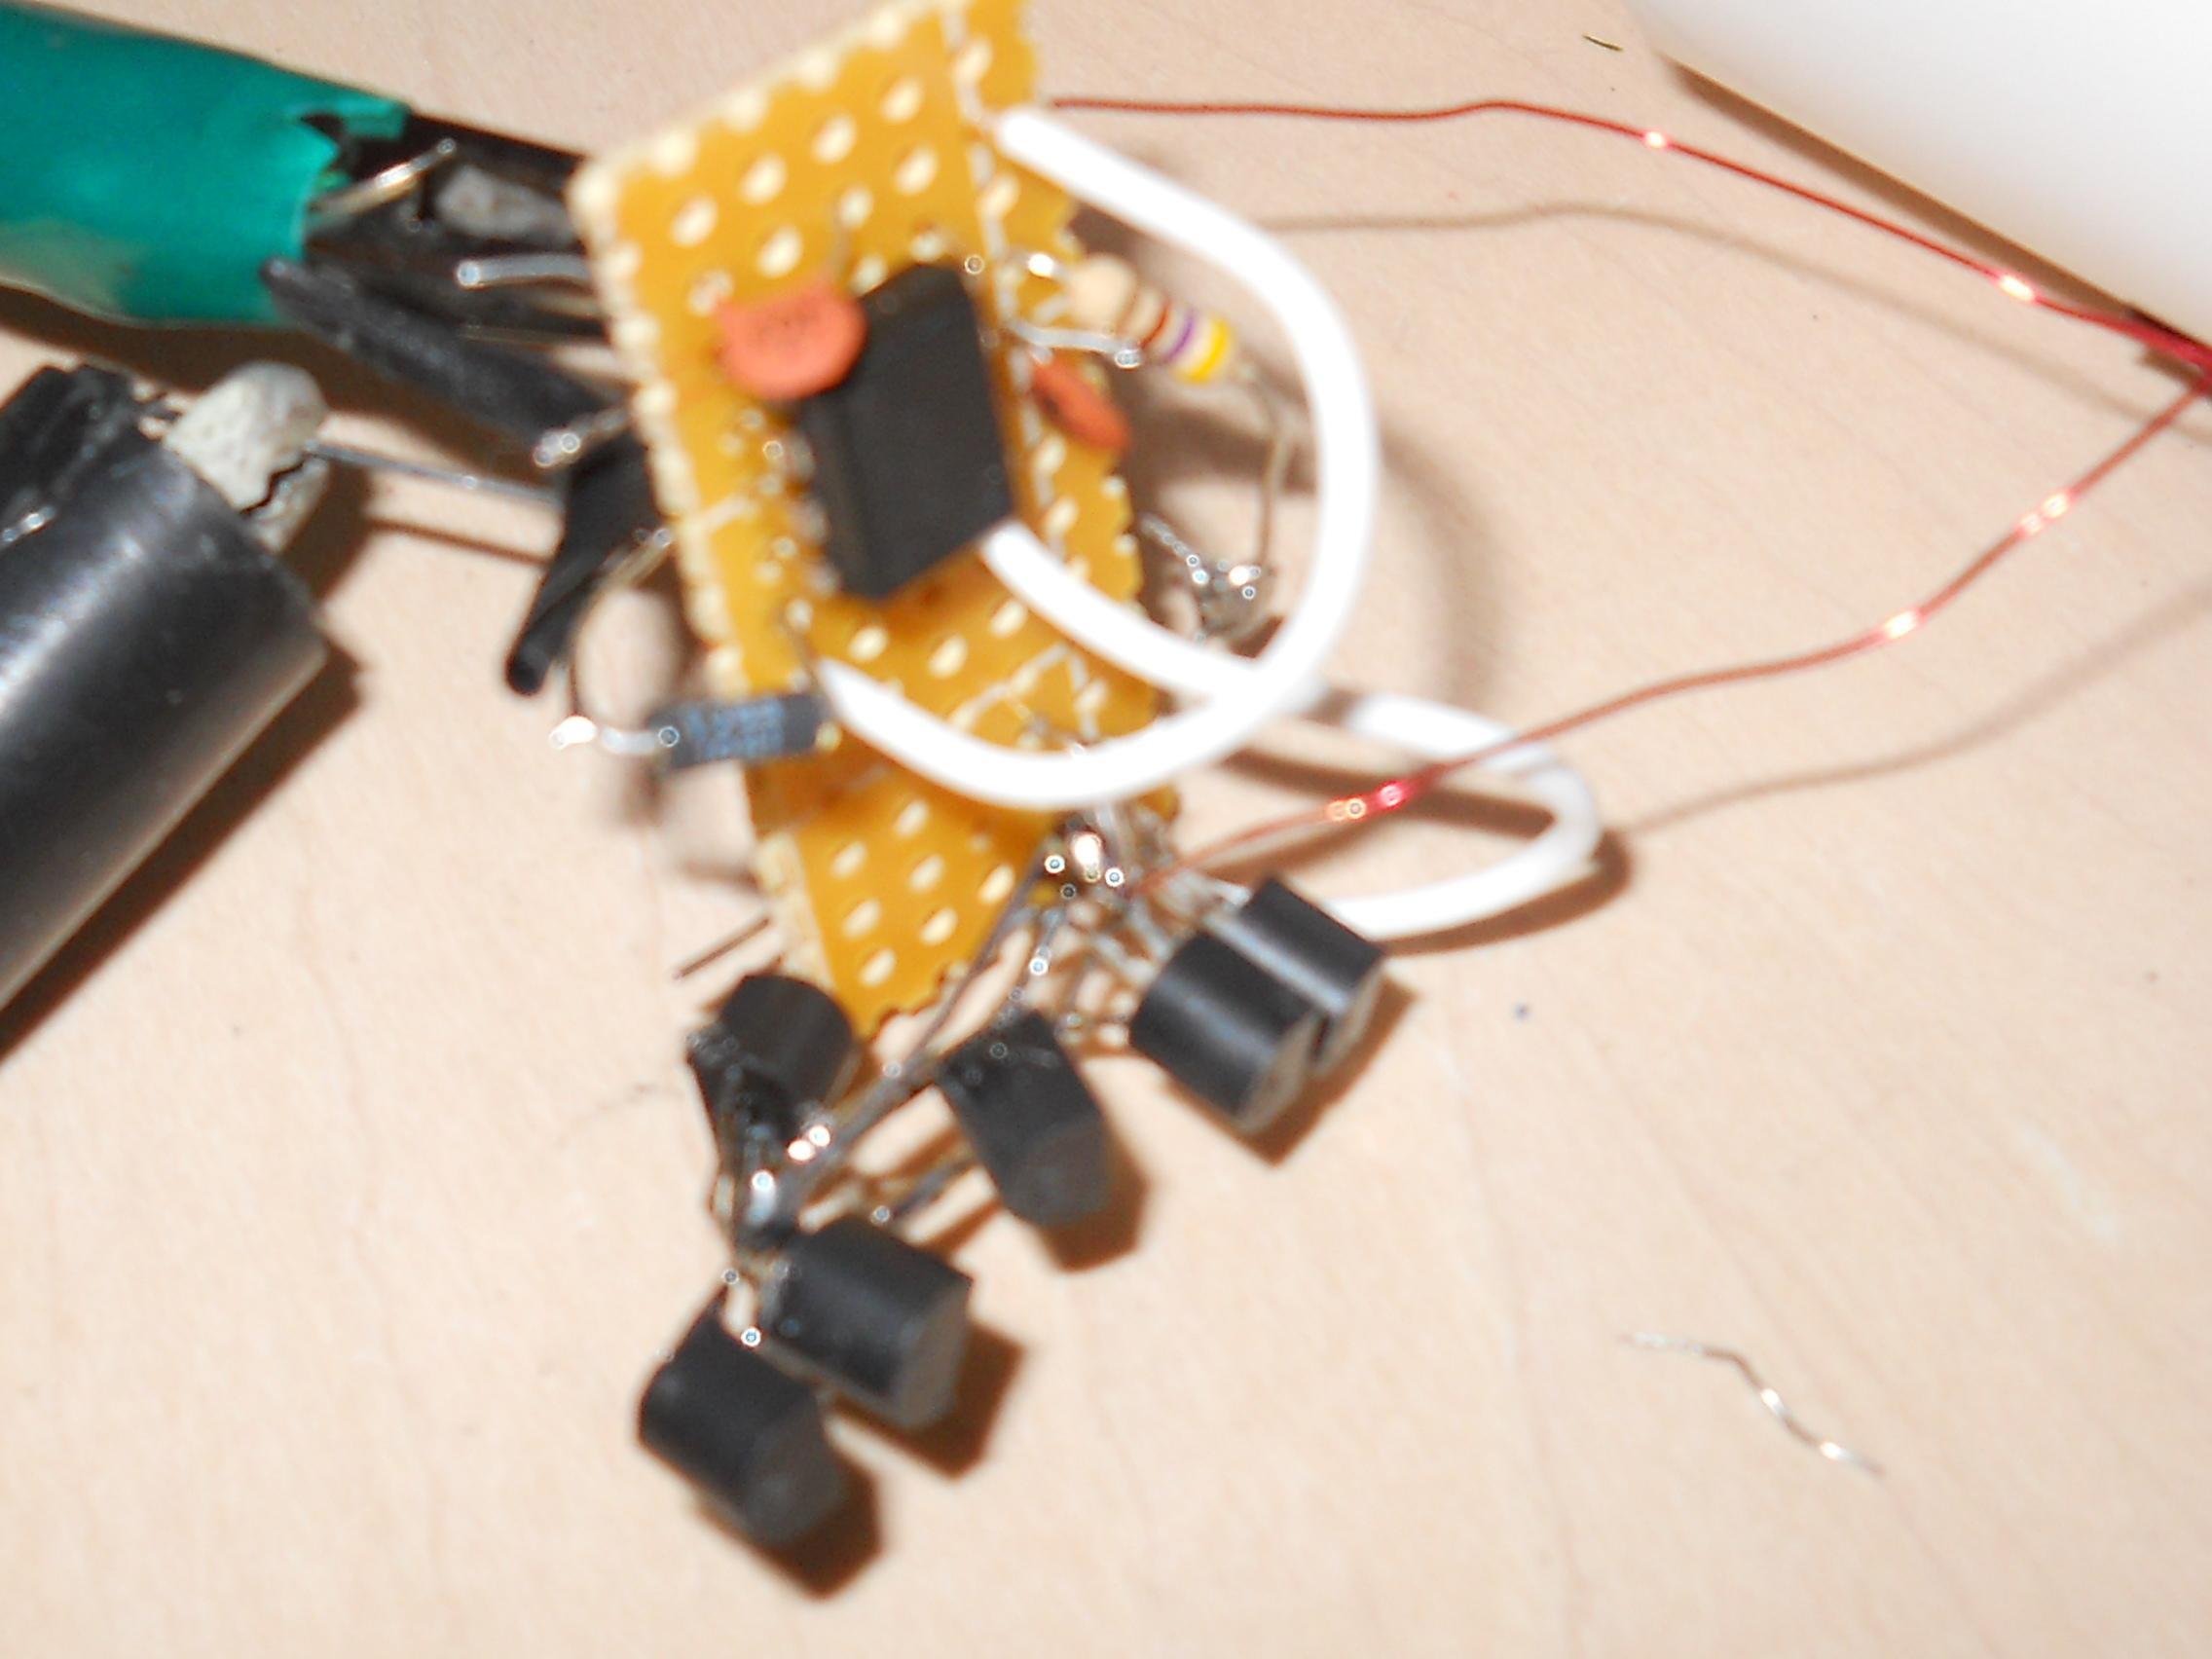 Upgraded Indestructible LEDLanterns